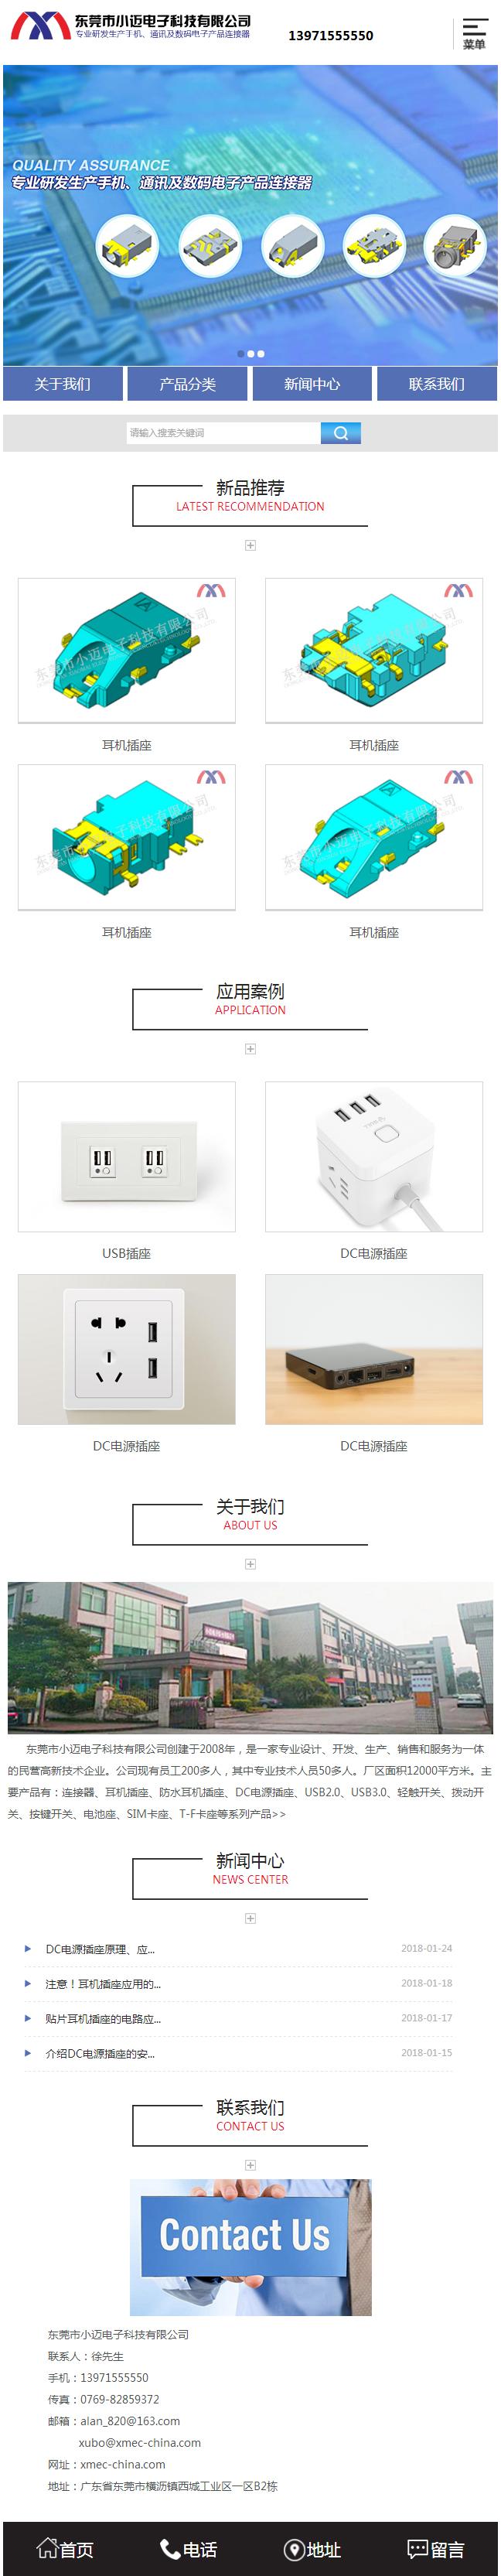 东莞市小迈电子科技有限公司